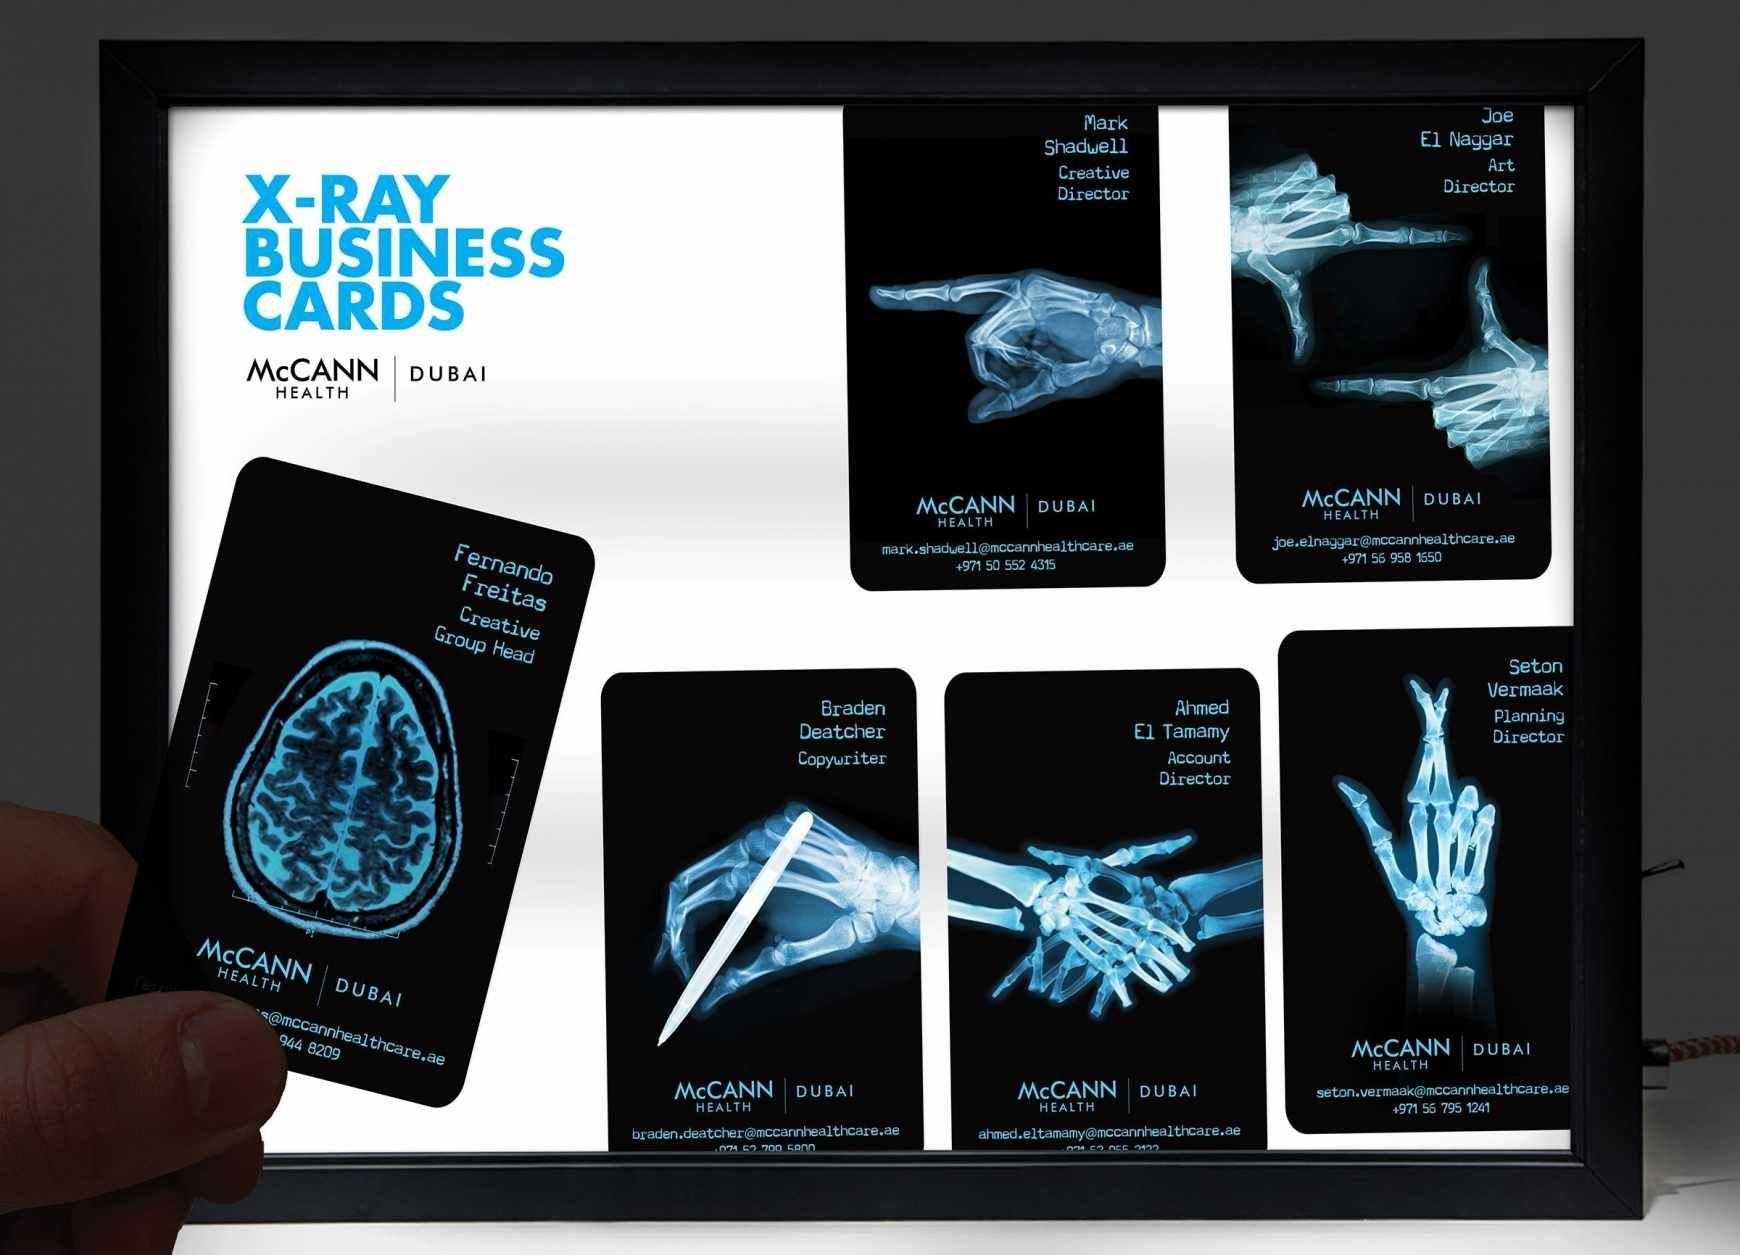 Mccann health dubai x ray business cards business cards mccann health dubai x ray business cards reheart Choice Image